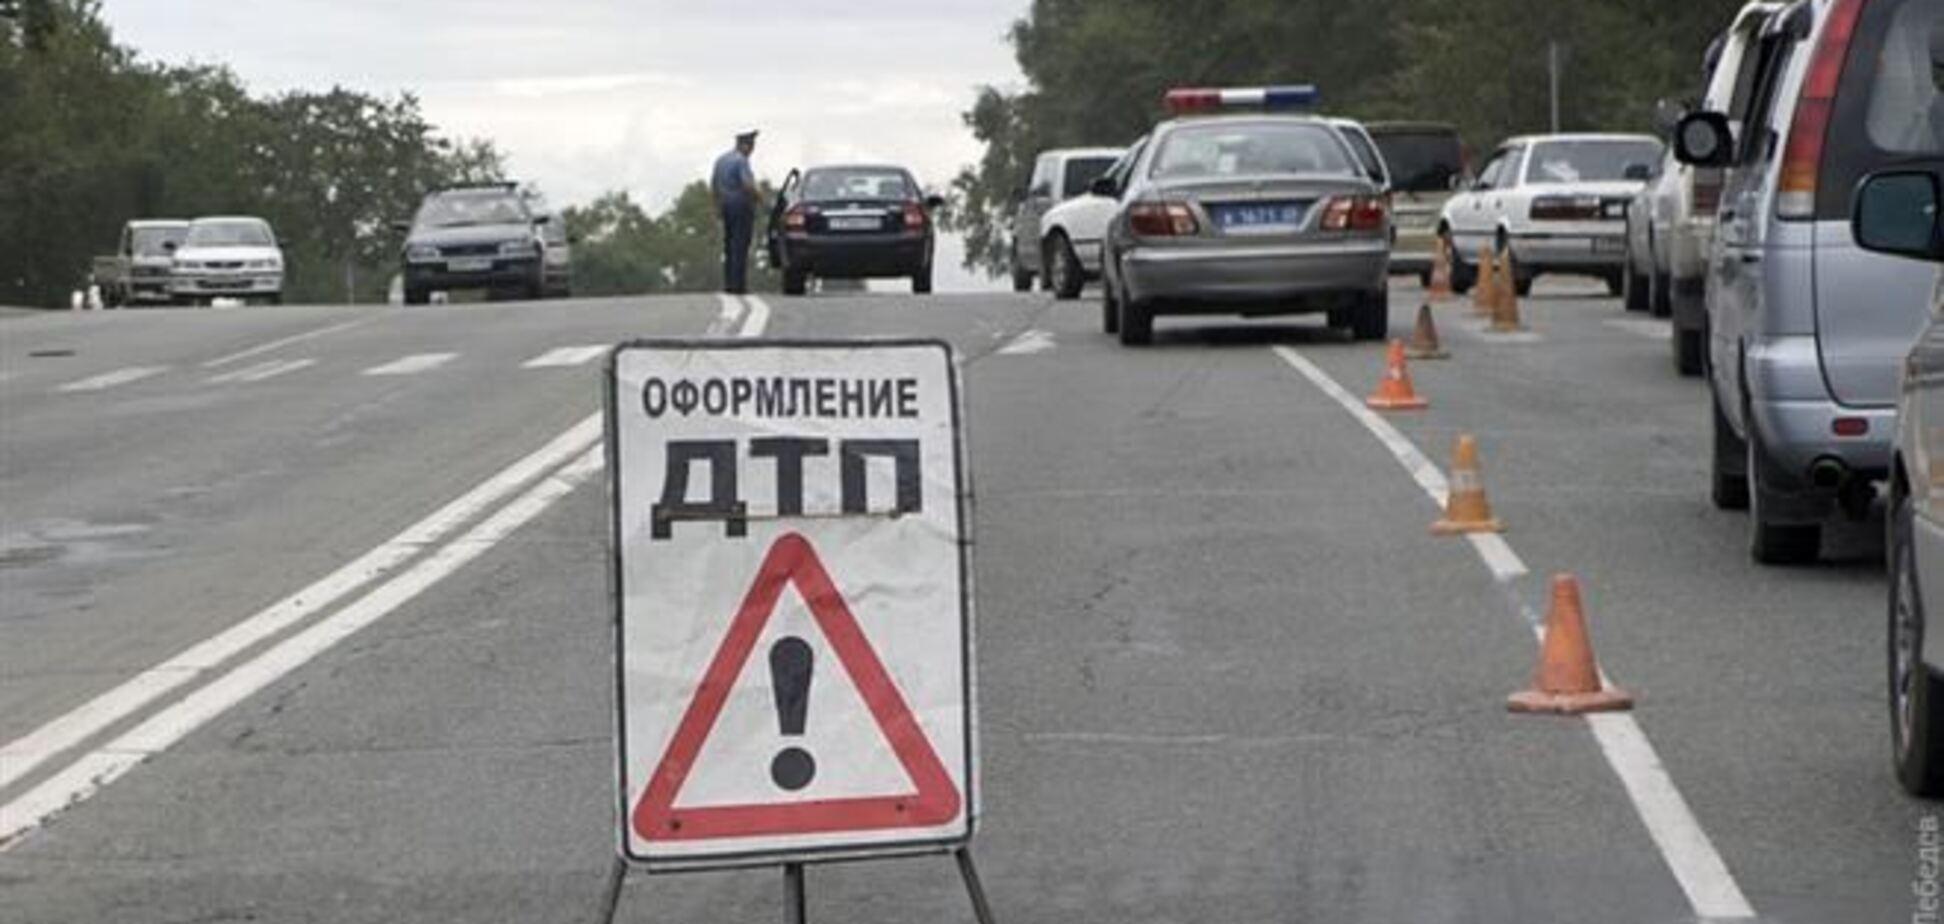 В России автобус с украинцами попал в ДТП: есть жертвы